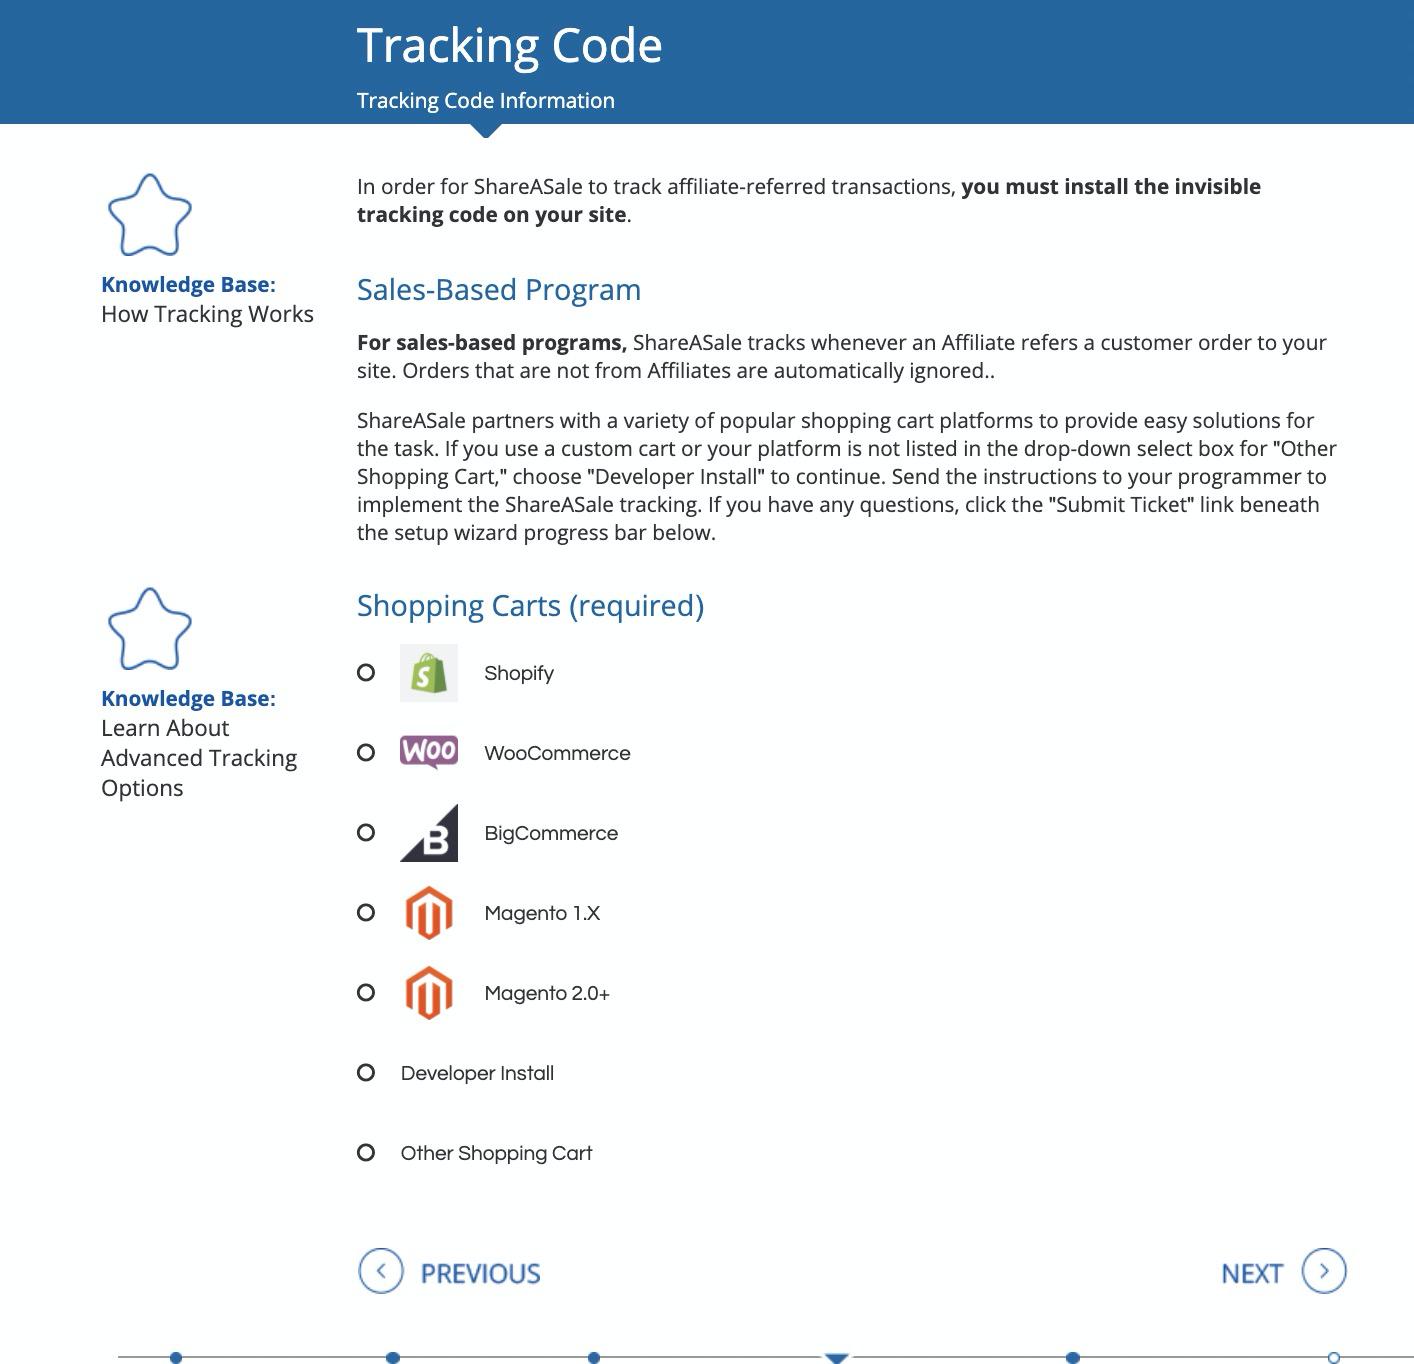 独立站联盟营销代码追踪